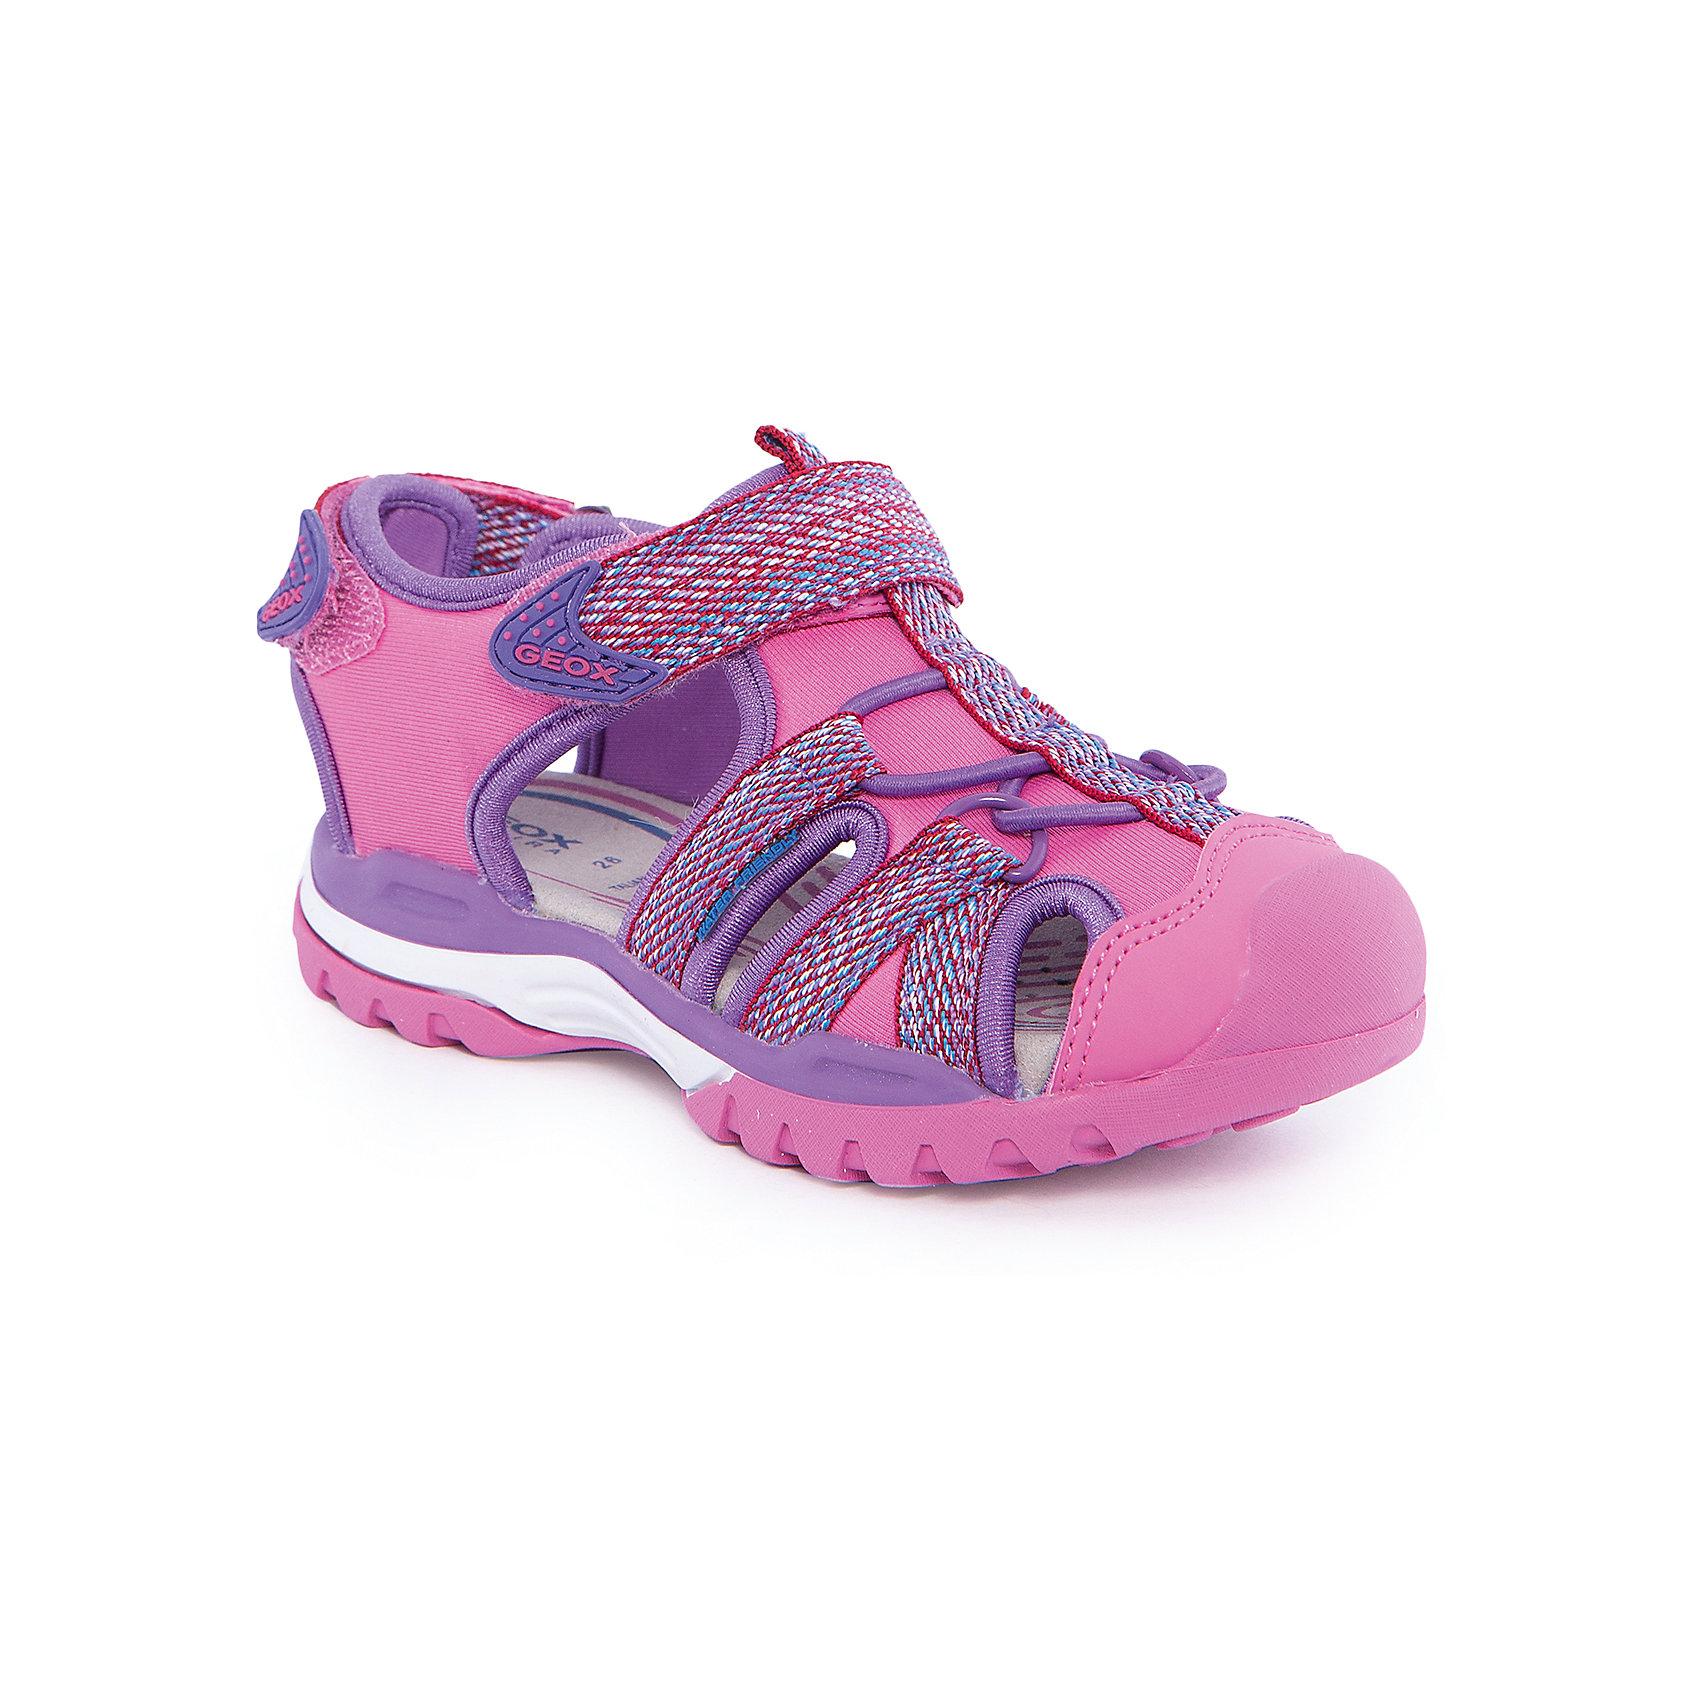 Сандалии для девочки GeoxСандалии<br>Босоножки для девочки от популярной марки GEOX (Геокс).<br><br>Модные легкие босоножки - отличная обувь для нового летнего сезона. Эта модель создана специально для девочек, она очень стильно и оригинально смотрится.<br>Производитель обуви заботится не только о внешнем виде, но и стабильно высоком качестве продукции. GEOX (Геокс) разработал специальную высокотехнологичную стельку. Вся обувь делается только из качественных и надежных материалов.<br><br>Отличительные особенности модели:<br><br>- цвет: розовый;<br>- декорирована яркой тесьмой;<br>- гибкая прочная подошва;<br>- мягкий и легкий верх;<br>- защита пальцев;<br>- стильный дизайн;<br>- анатомическая стелька;<br>- удобные застежки - липучки;<br>- комфортное облегание;<br>- декоративная шнуровка.<br><br>Дополнительная информация:<br><br>- Сезон: весна/лето.<br><br>- Состав:<br><br>материал верха: текстиль;<br>подошва: 100% резина.<br><br>Босоножки для девочки GEOX (Геокс) можно купить в нашем магазине.<br><br>Ширина мм: 219<br>Глубина мм: 154<br>Высота мм: 121<br>Вес г: 343<br>Цвет: розовый<br>Возраст от месяцев: 48<br>Возраст до месяцев: 60<br>Пол: Женский<br>Возраст: Детский<br>Размер: 28,26,27,29,30,32,33,35,36,34,31<br>SKU: 4519053